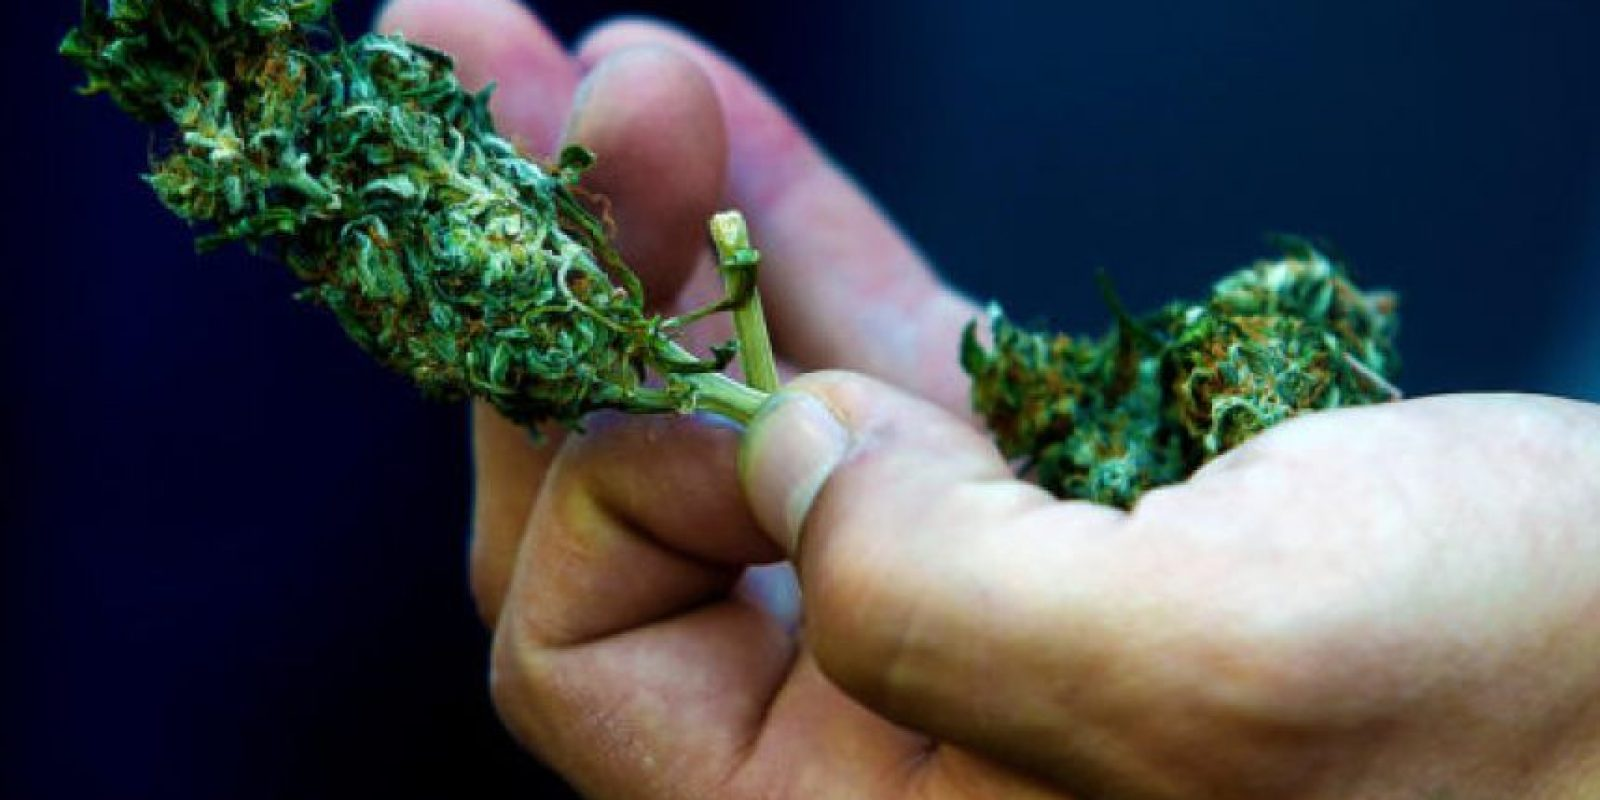 """La droga del tipo cripy es denominada la """"súper marihuana"""", debido a que tiene un poder alucinógeno 4 veces mayor que la tradicional. En el mercado ilegal alcanza un valor de entre $10 mil y $ 15 mil la dosis de 1 gramo, por lo que este decomiso fue avaluado en al menos $2.350 millones. Foto:Agencia UNO / Imagen Referencial. Imagen Por:"""